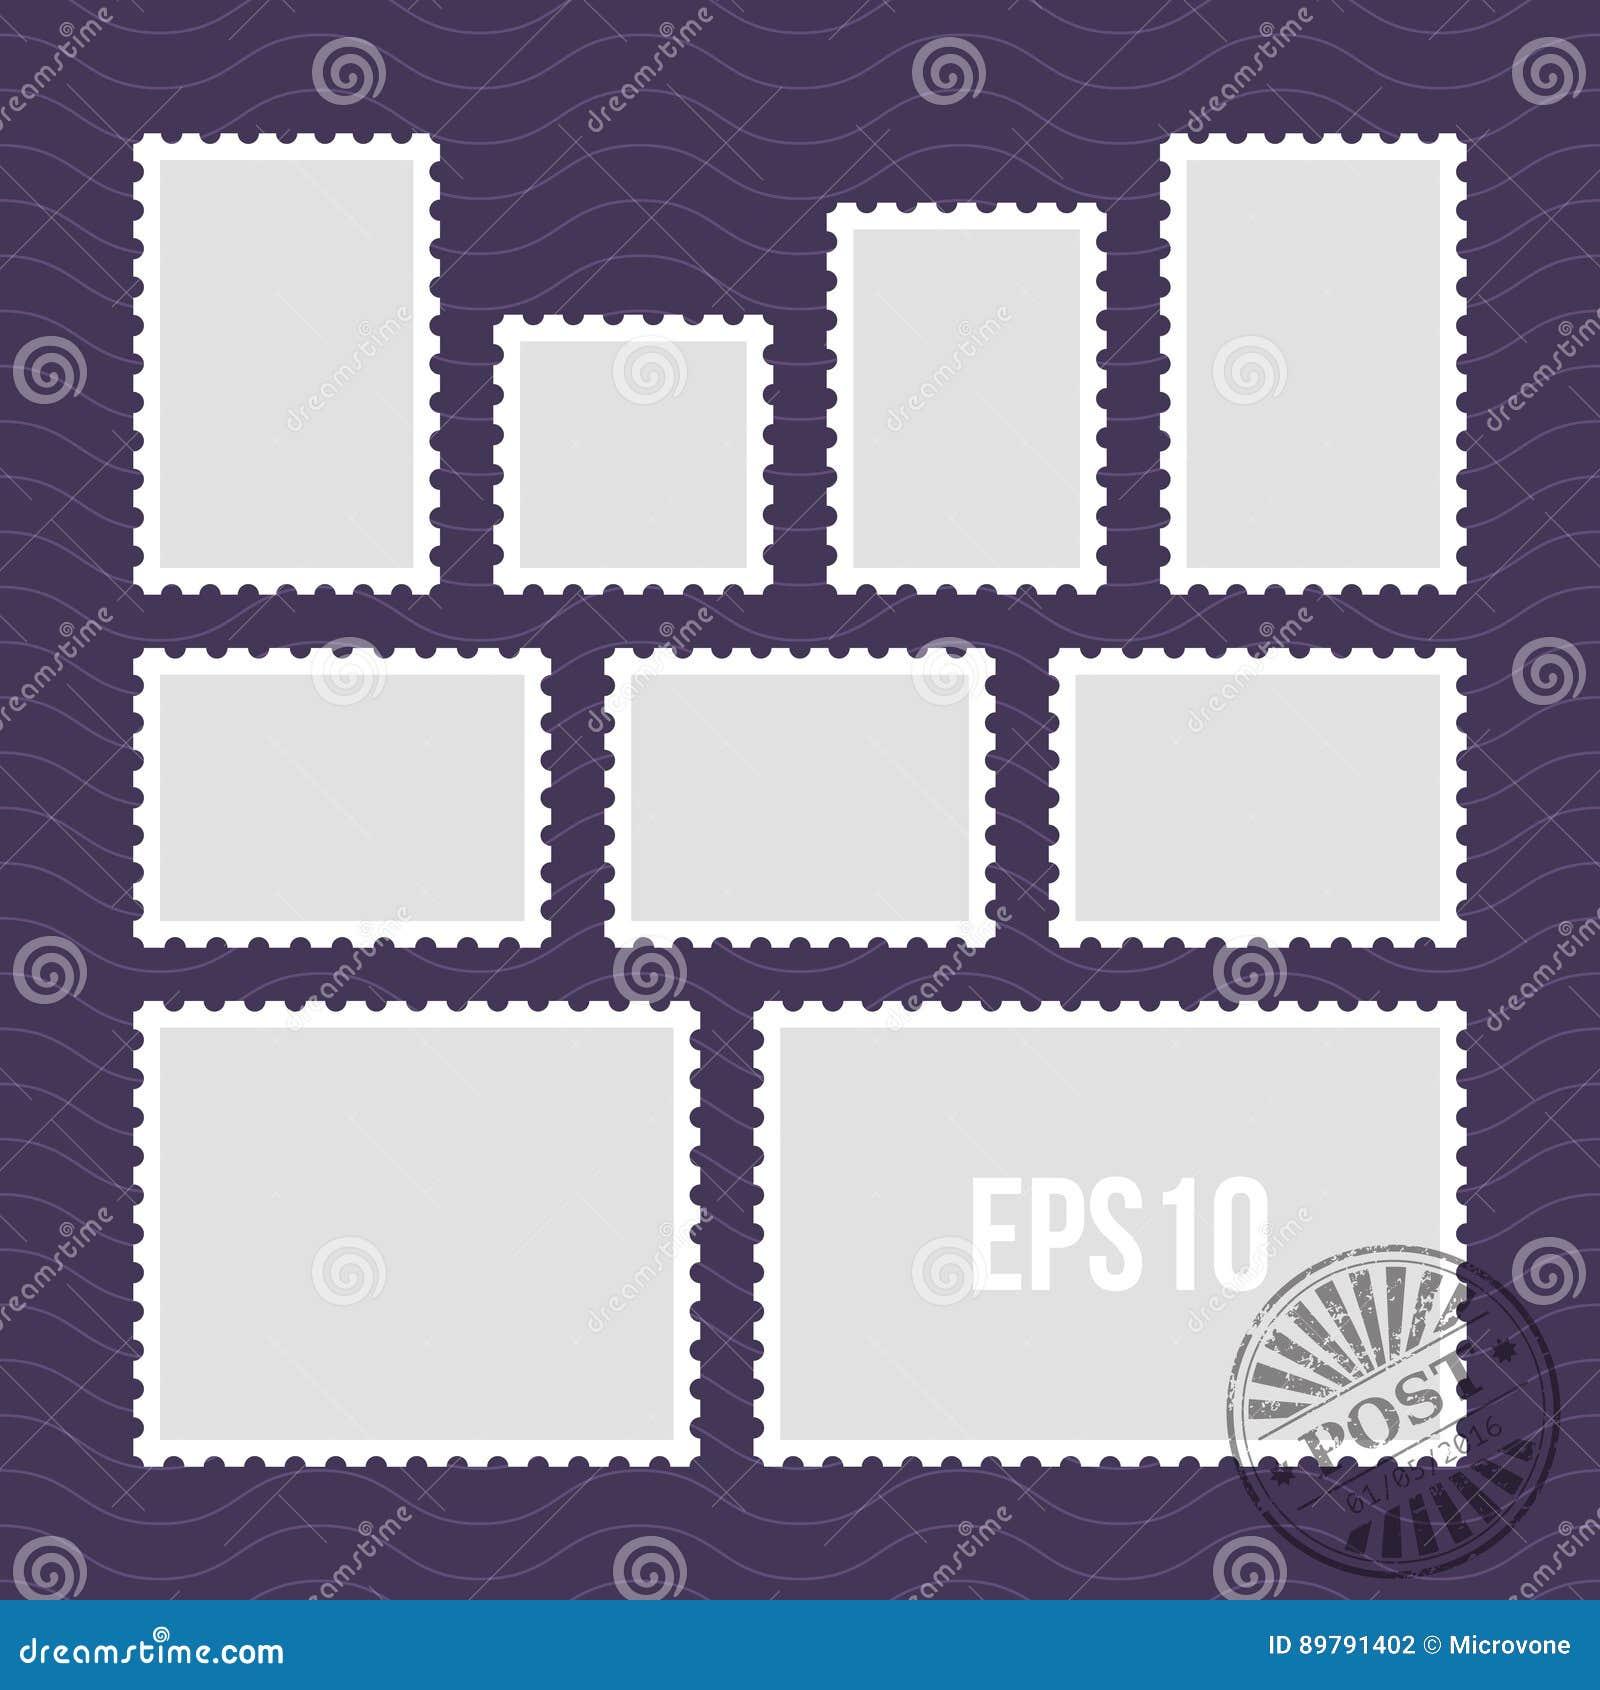 Briefmarken mit perforiertem Rand und Poststempel vector Schablone